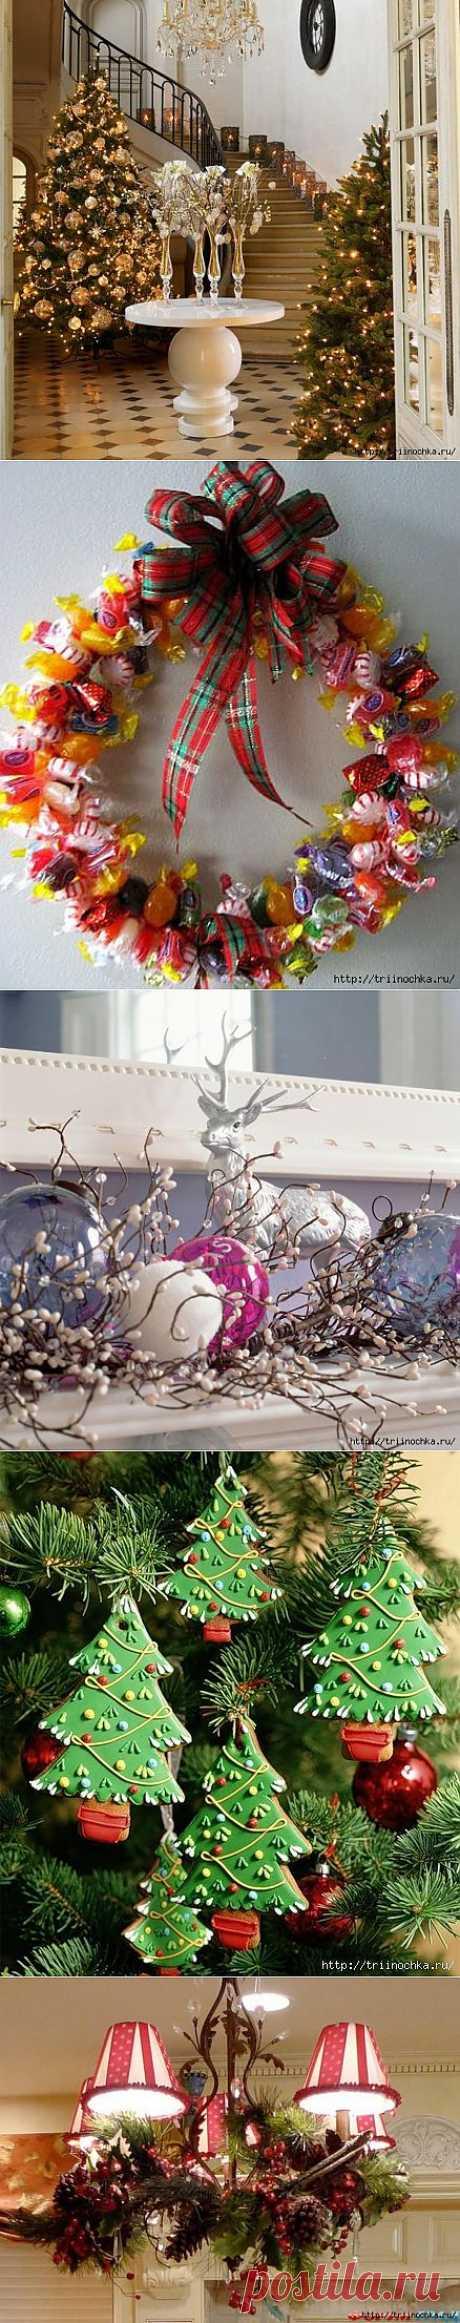 Украшаем дом к Новому году! Идеи новые и интересные!.